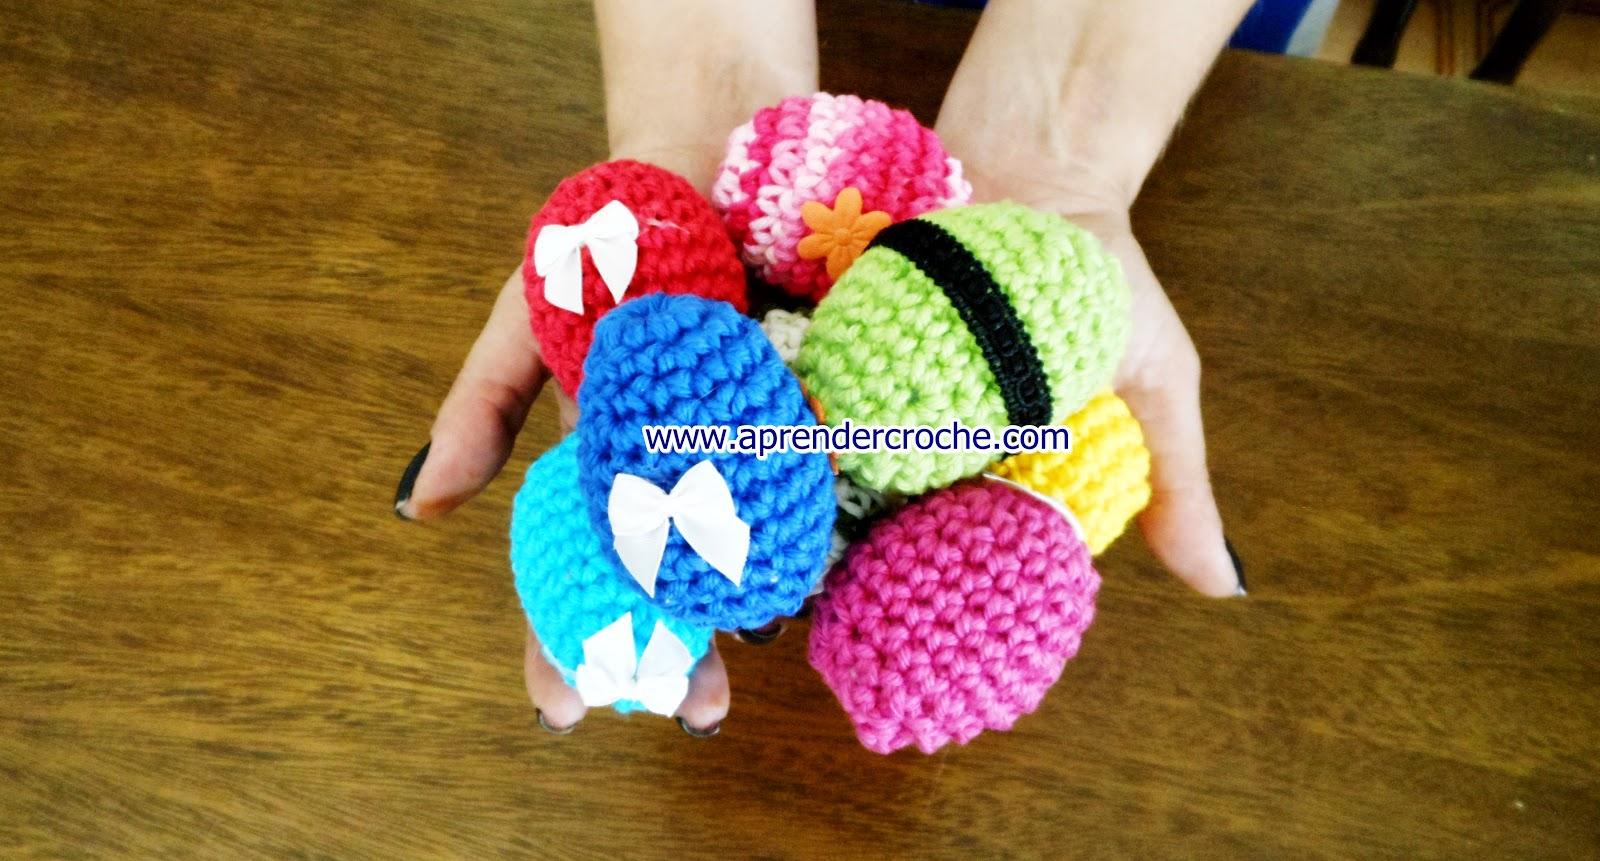 cestas e cestos em croche laços fitas verde ovos páscoa aprender croche dvd edinir-croche loja curso